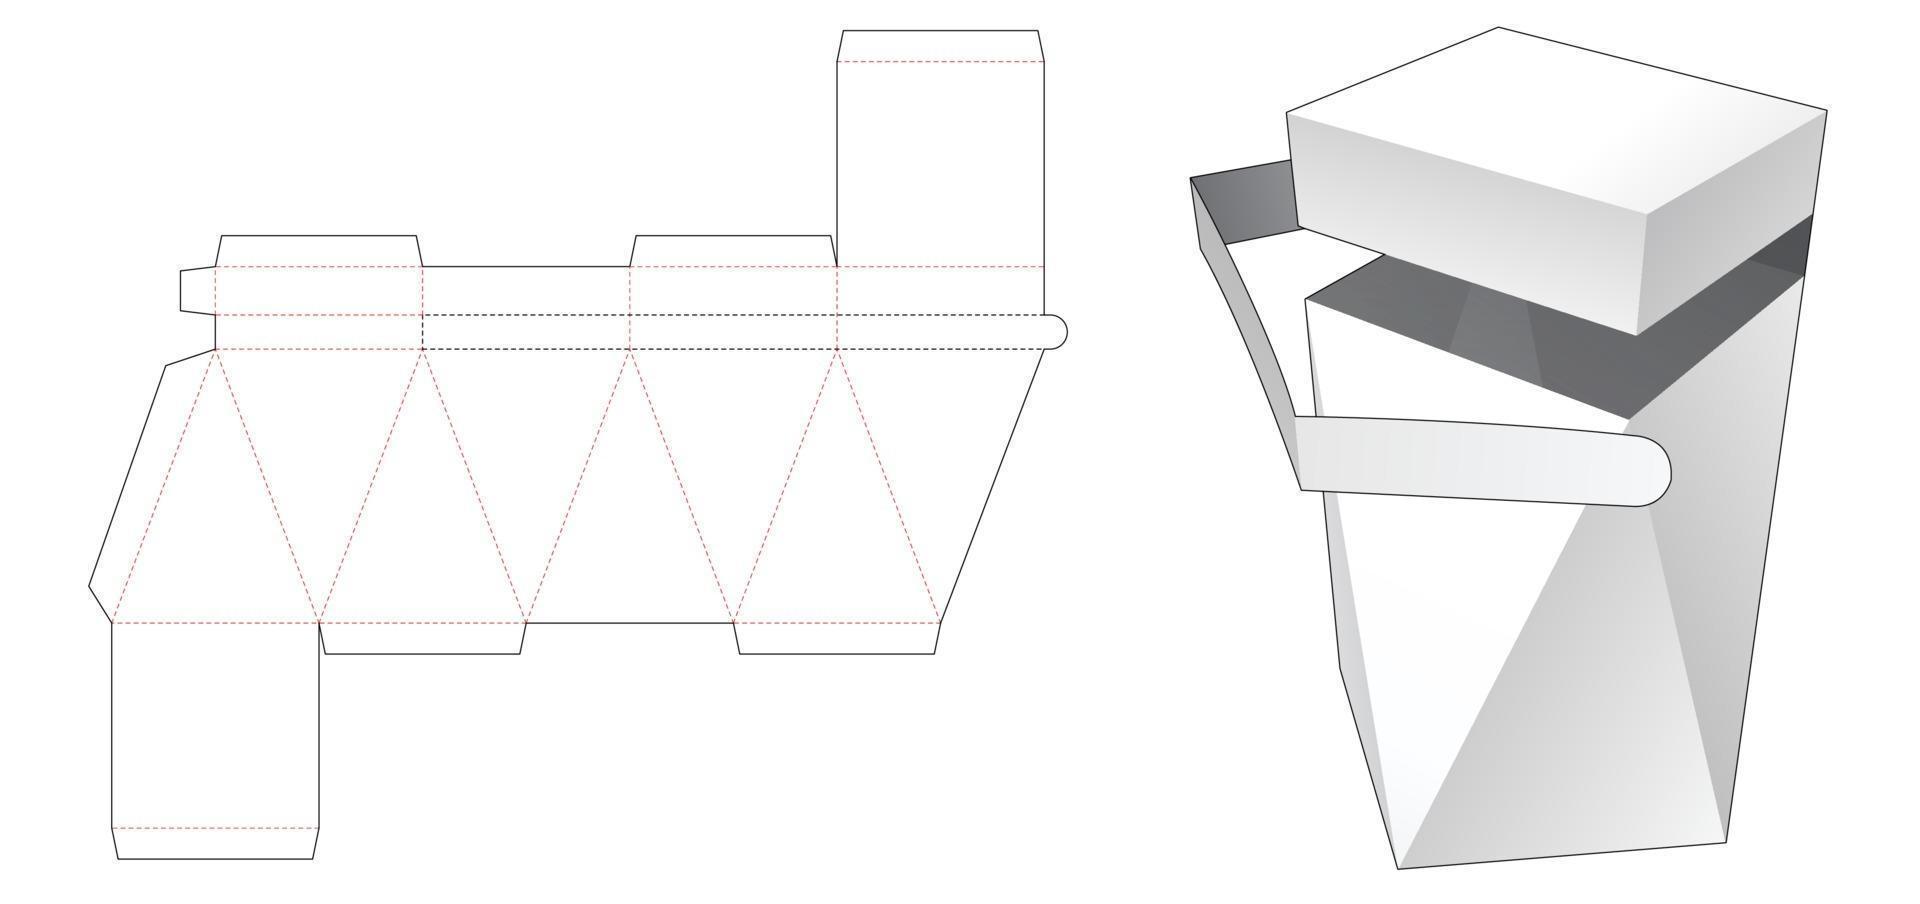 blixtlås topp flip prisma förpackning låda stansad mall vektor